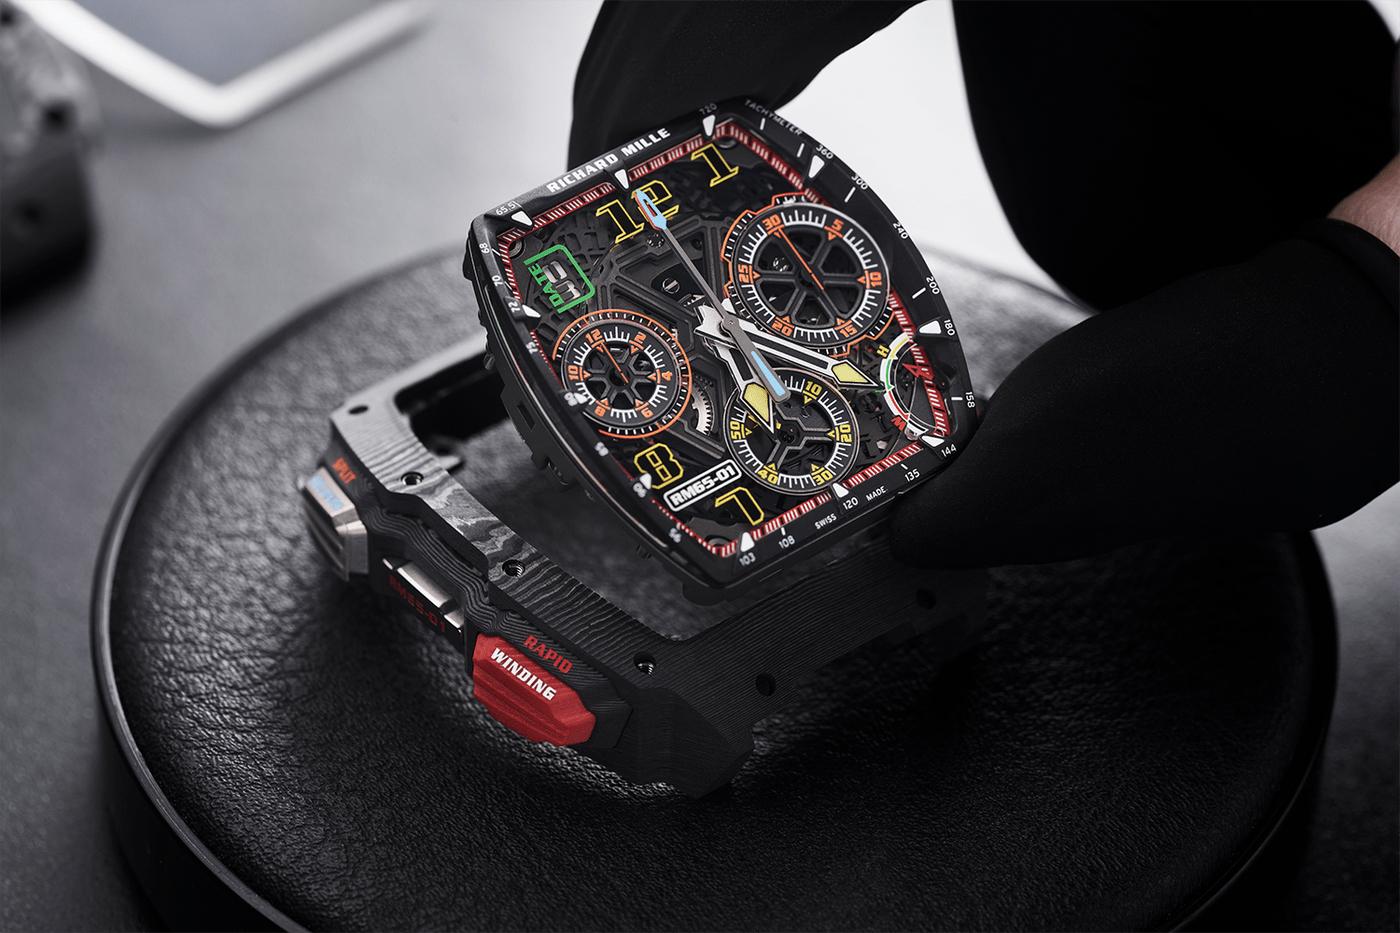 理查德米勒RM 65-01是最复杂的手表